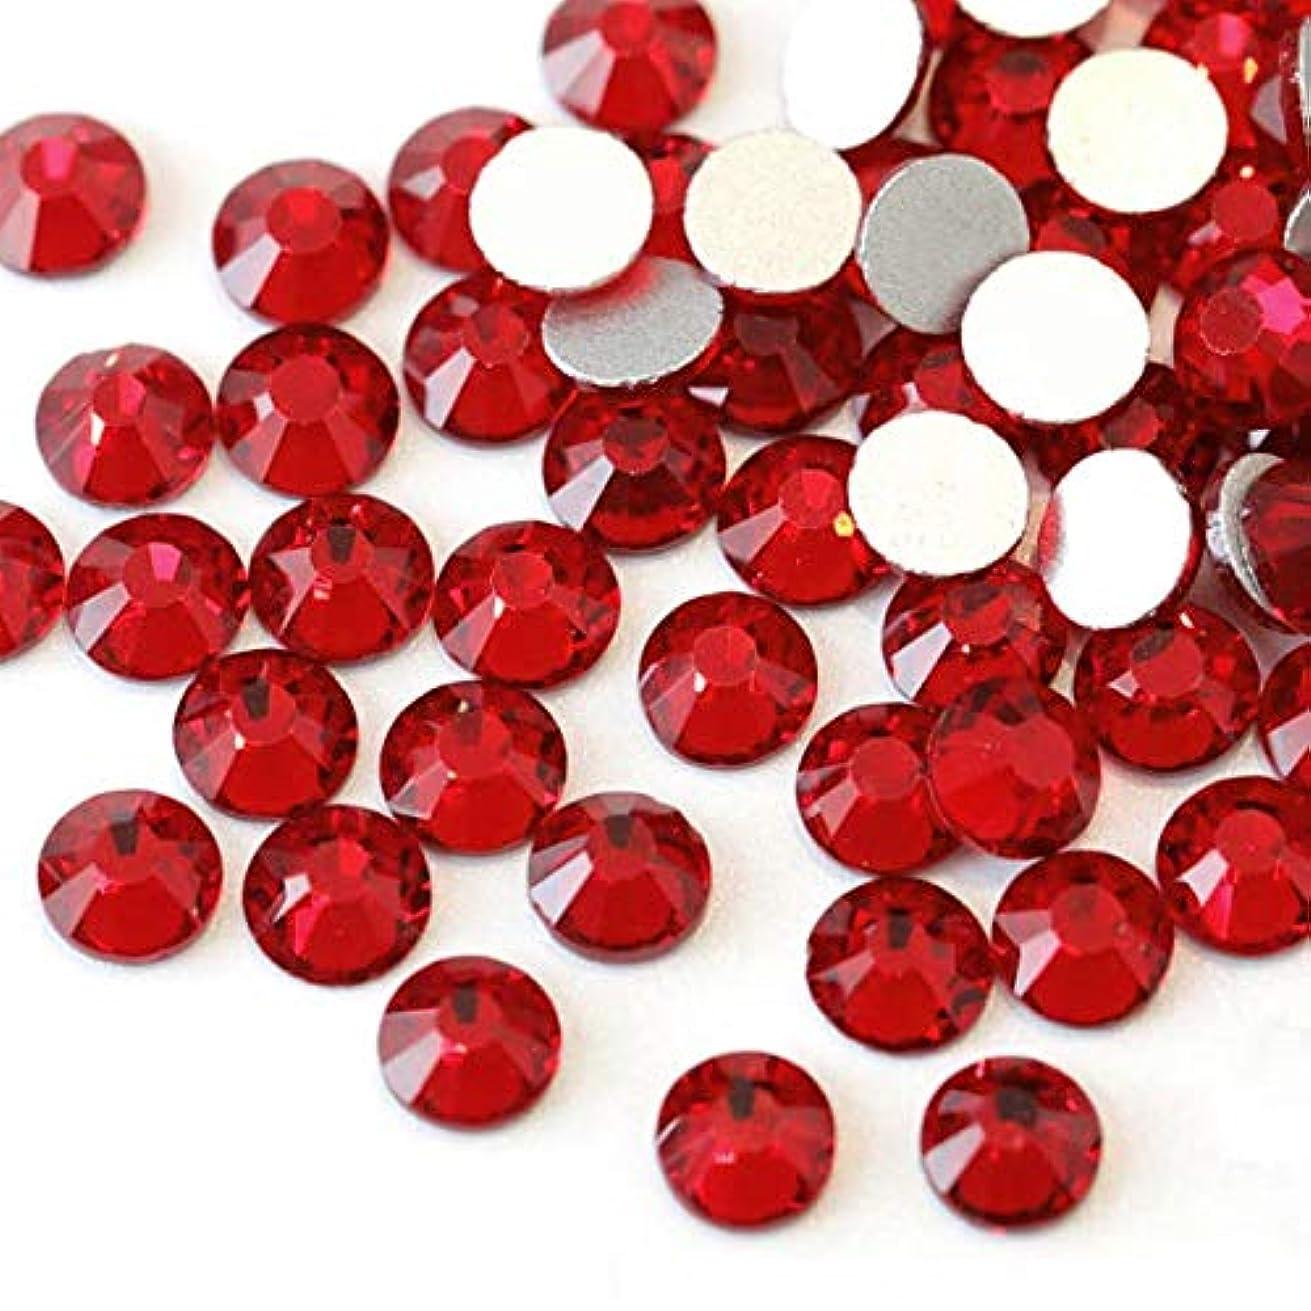 【ラインストーン77】高品質ガラス製ラインストーン 色/サイズ選択可 SS3~SS50 スワロフスキー同等 (シャム, SS20:約4.7mm(約120粒))